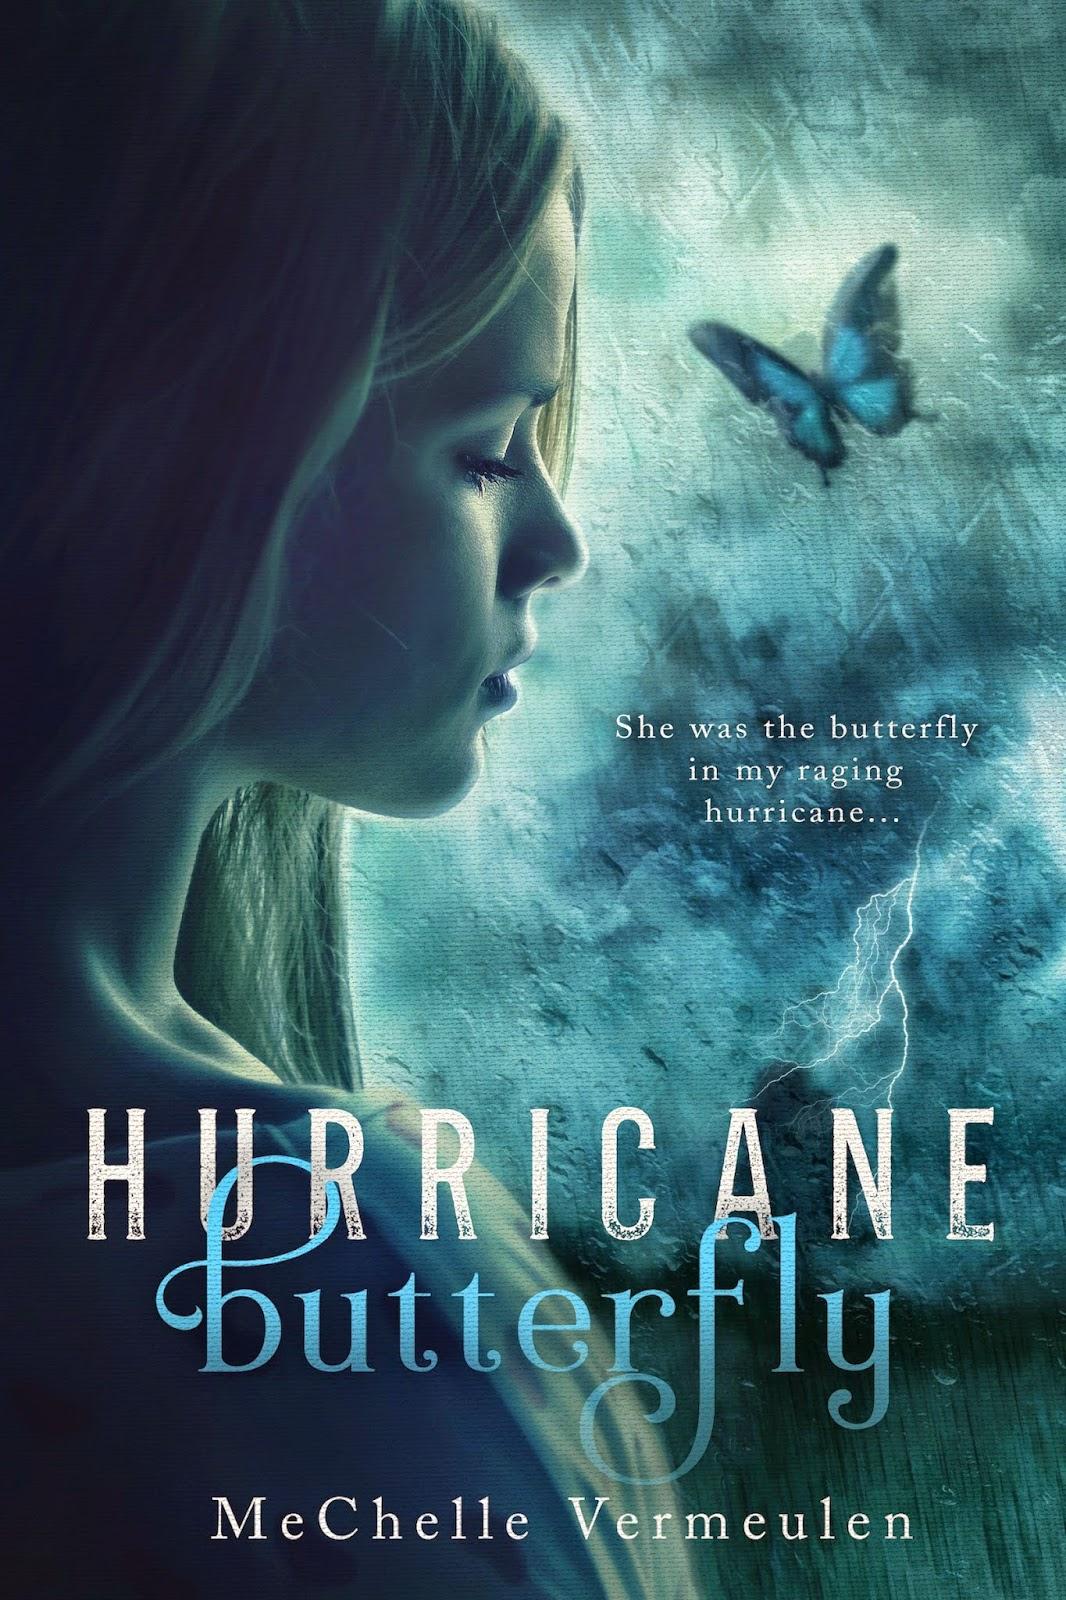 Hurricane Butterfly by MeChelle Vermeulen